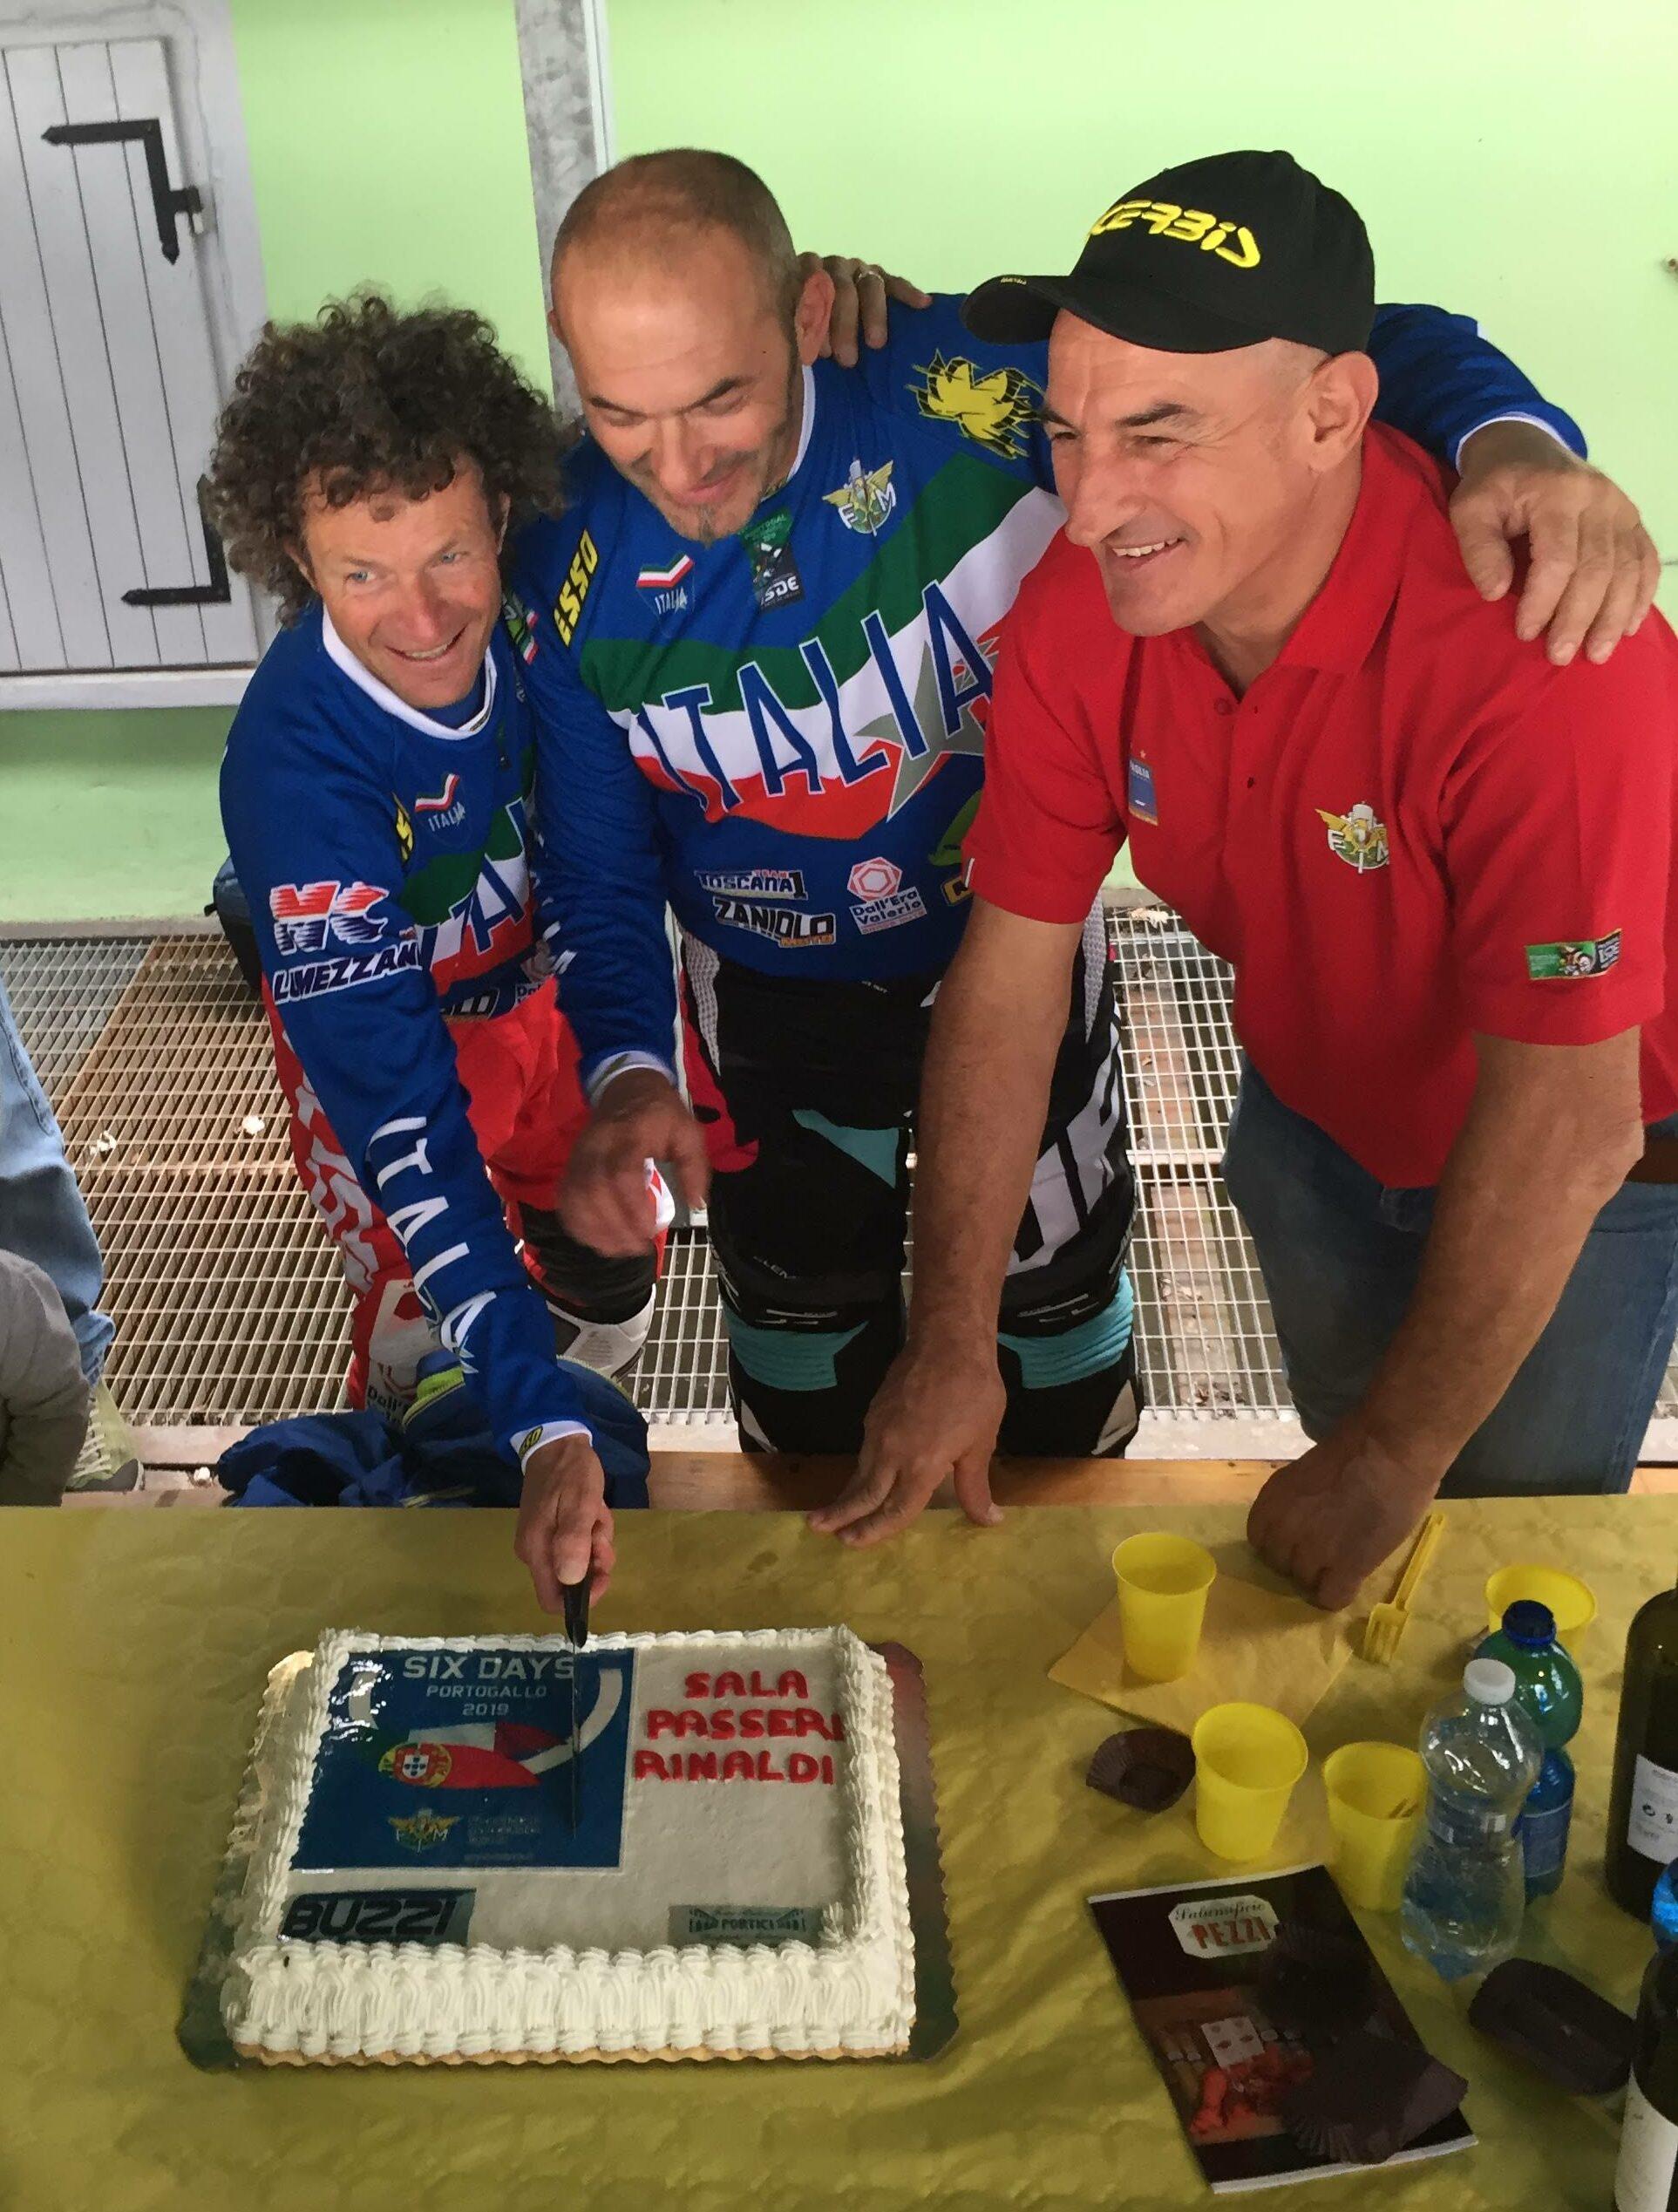 italiainpiega-evento-dream team veterans-taglio torta